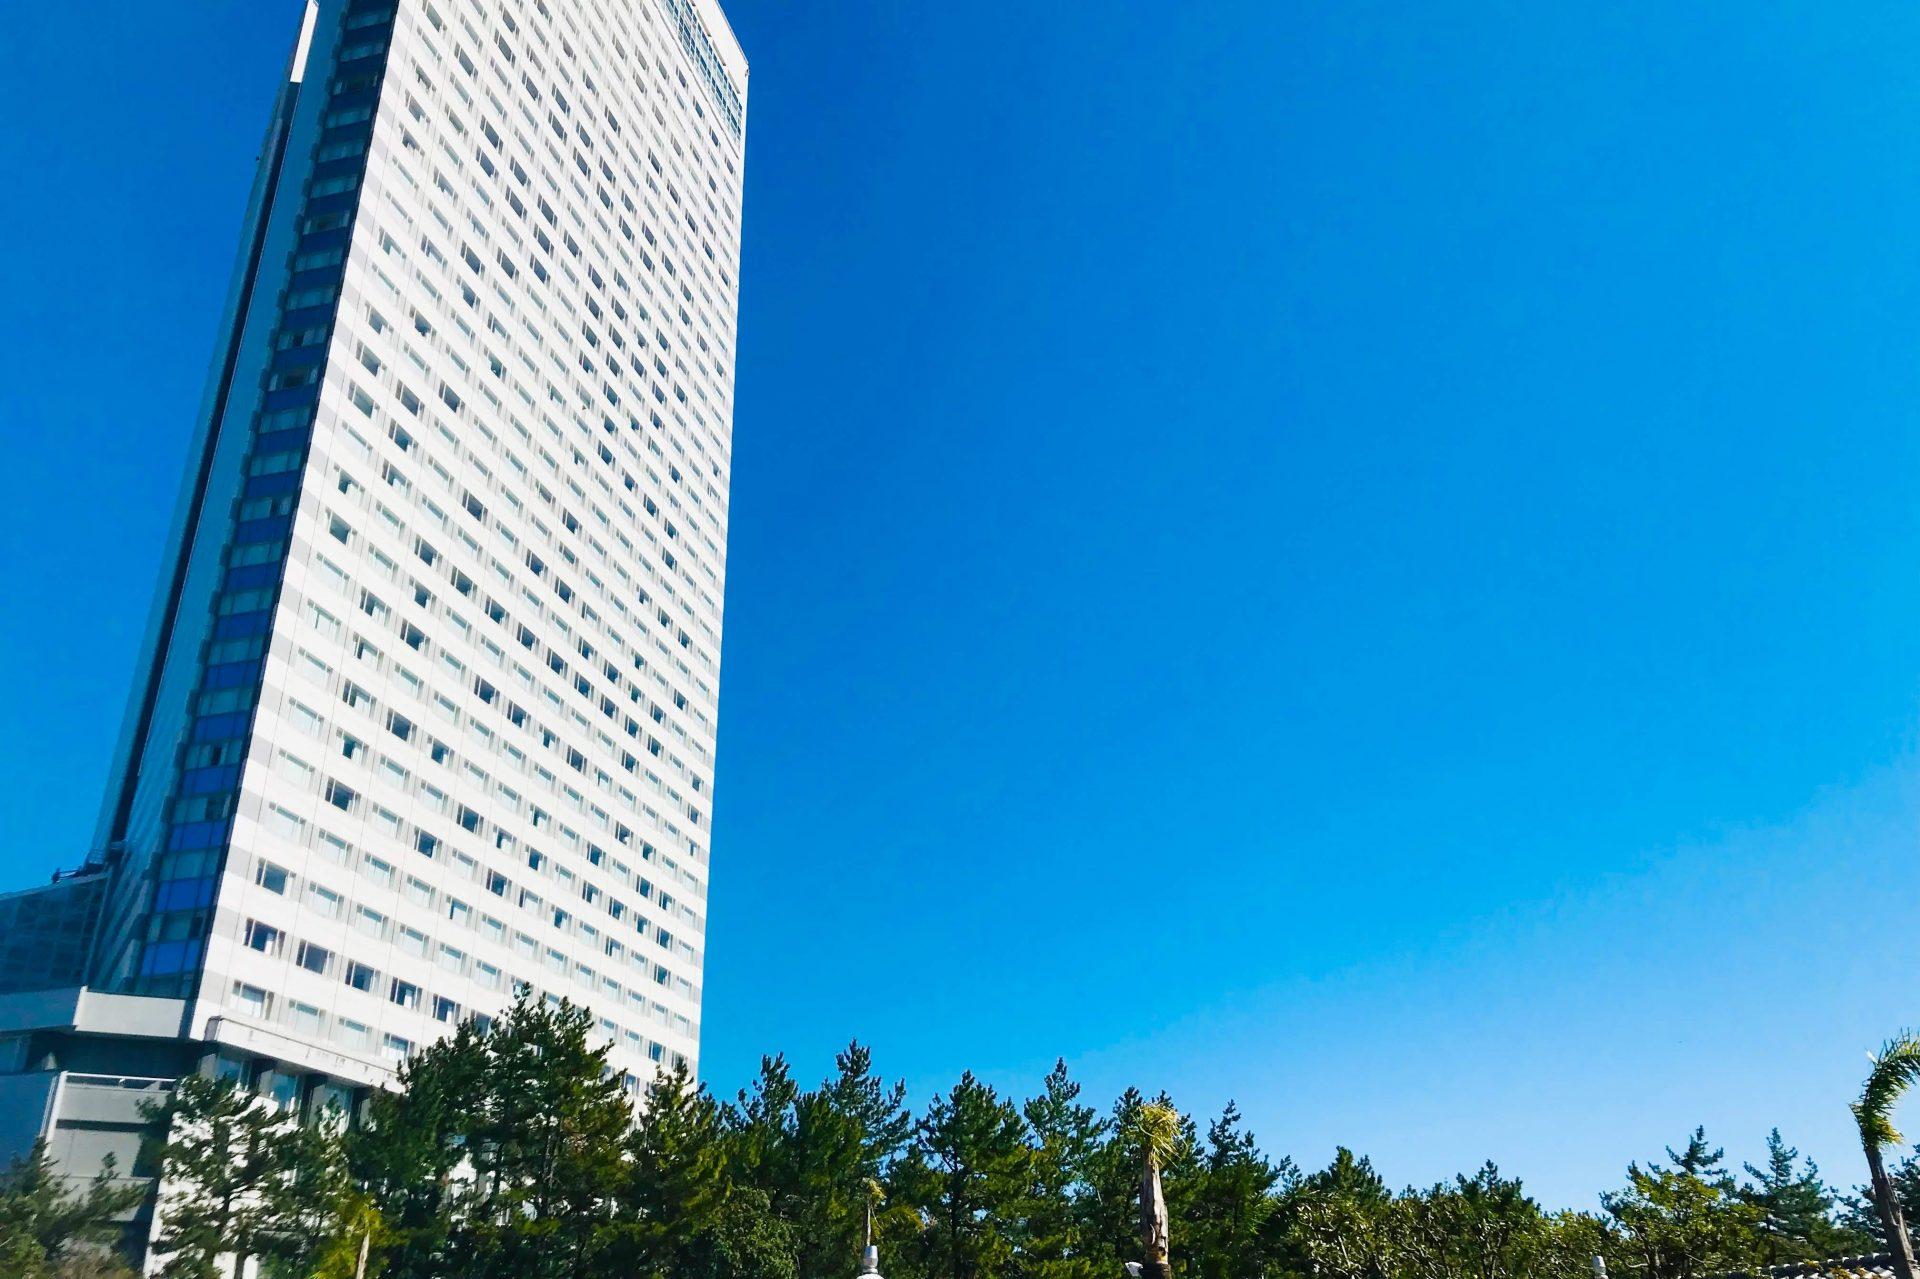 シェラトン・グランデ・オーシャンリゾートホテル